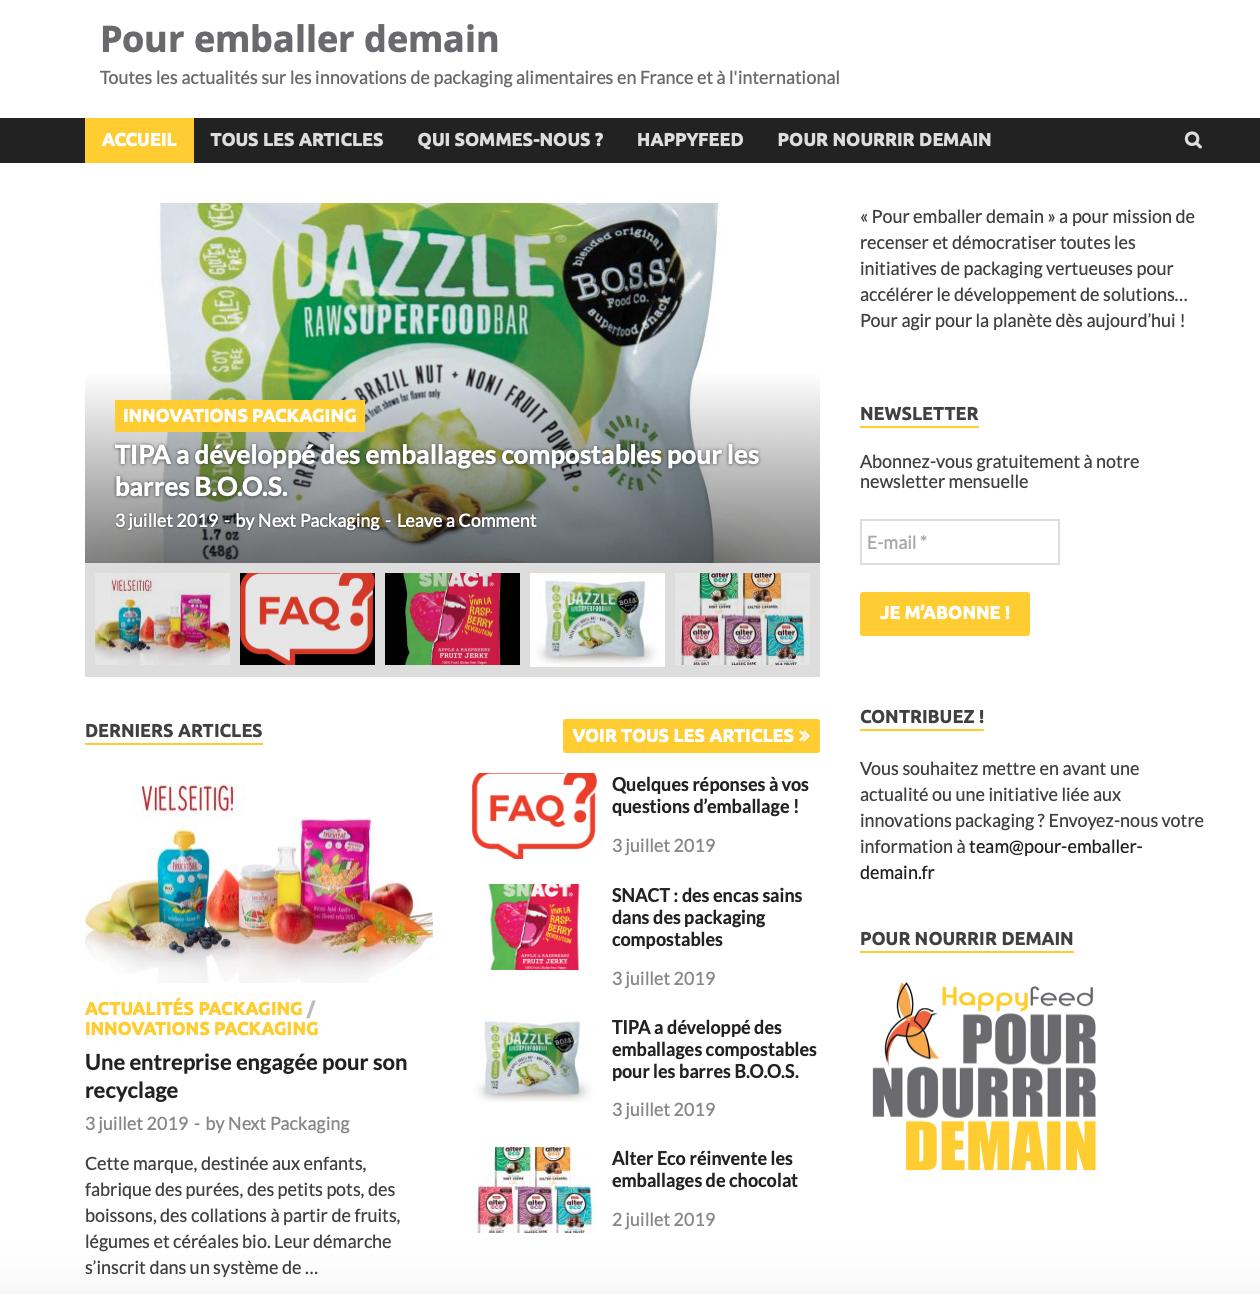 """Capture d'écran 2019 07 04 à 08.53.02 - """"Pour emballer demain"""", le site d'actualités sur les innovations packaging"""